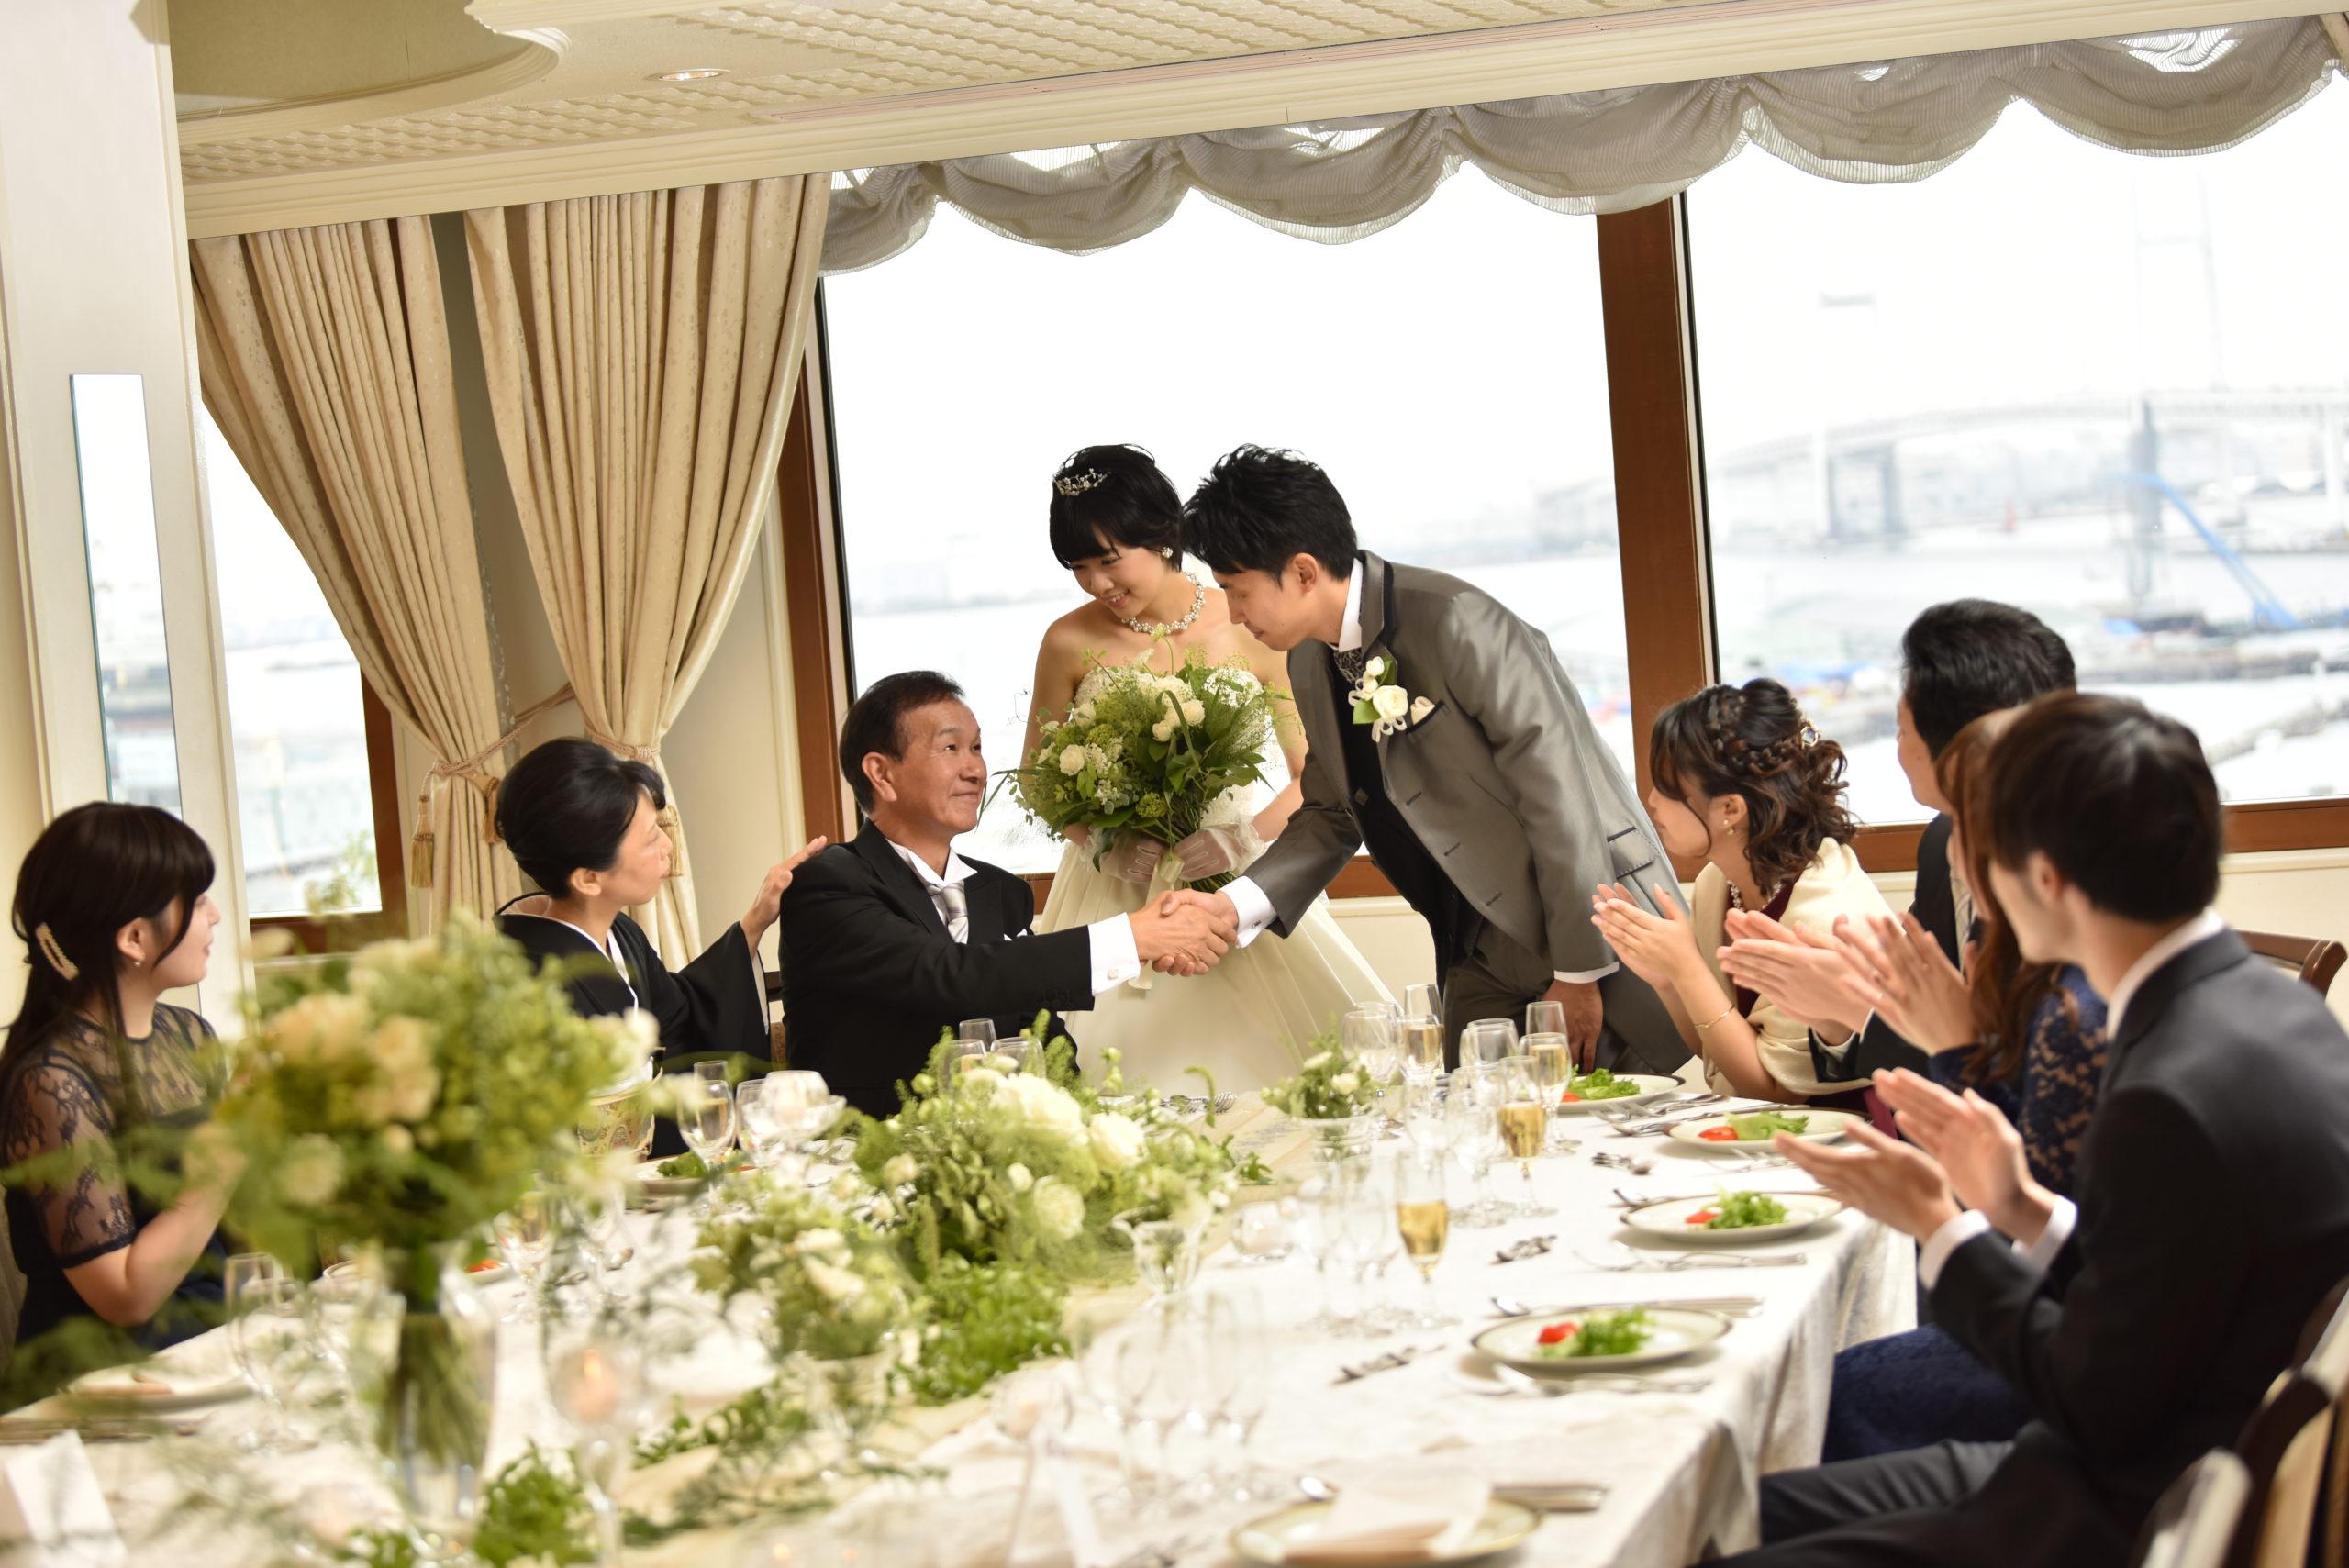 【少人数婚やファミリー婚をご希望のおふたりへ】アットホームな挙式+会食会プラン